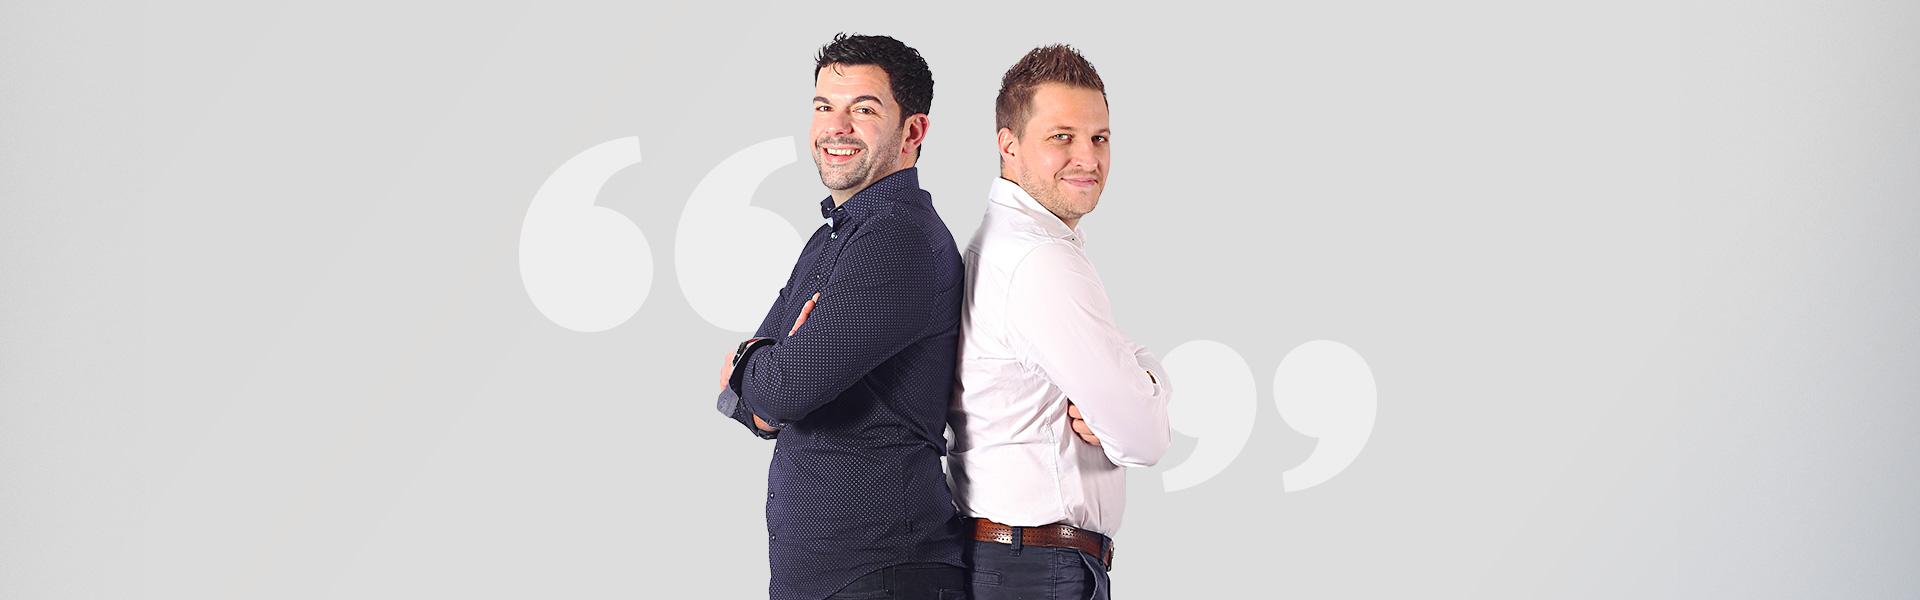 Guillaume et Ludovic concessionnaires Aquilus Piscines et Spas La Rochelle